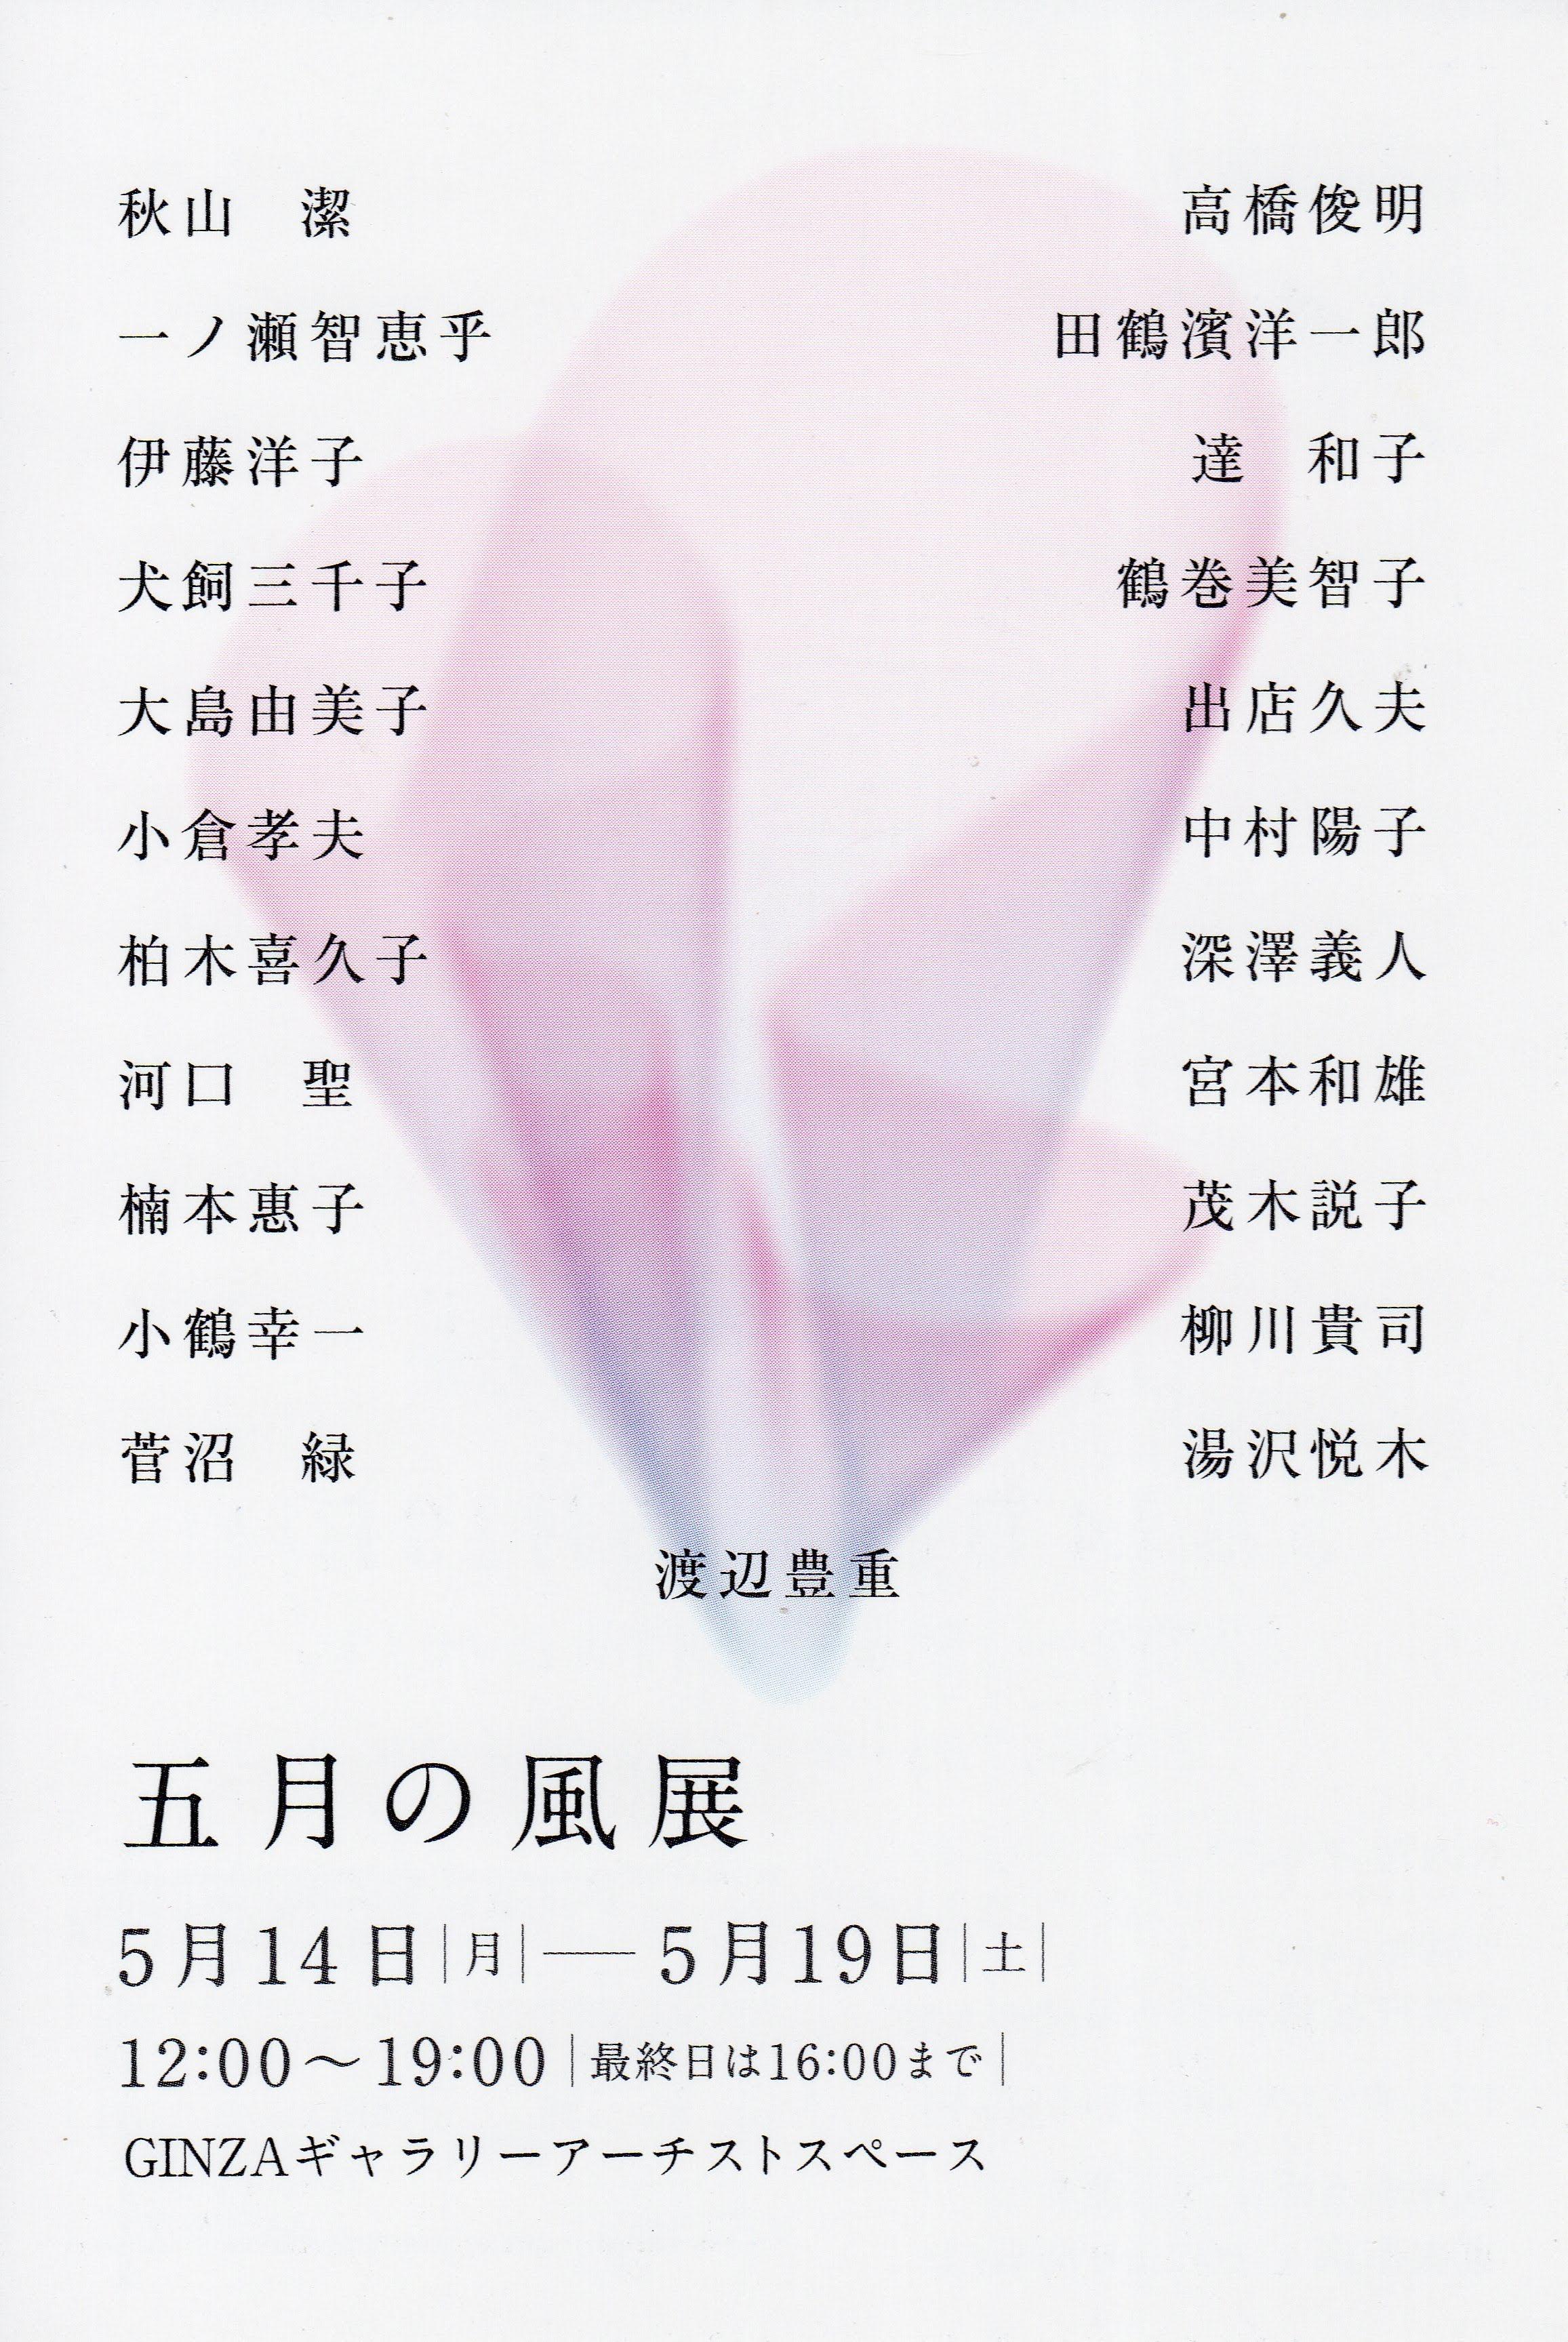 グループ展 [五月の風 展]。伊藤 洋子 も 参加。